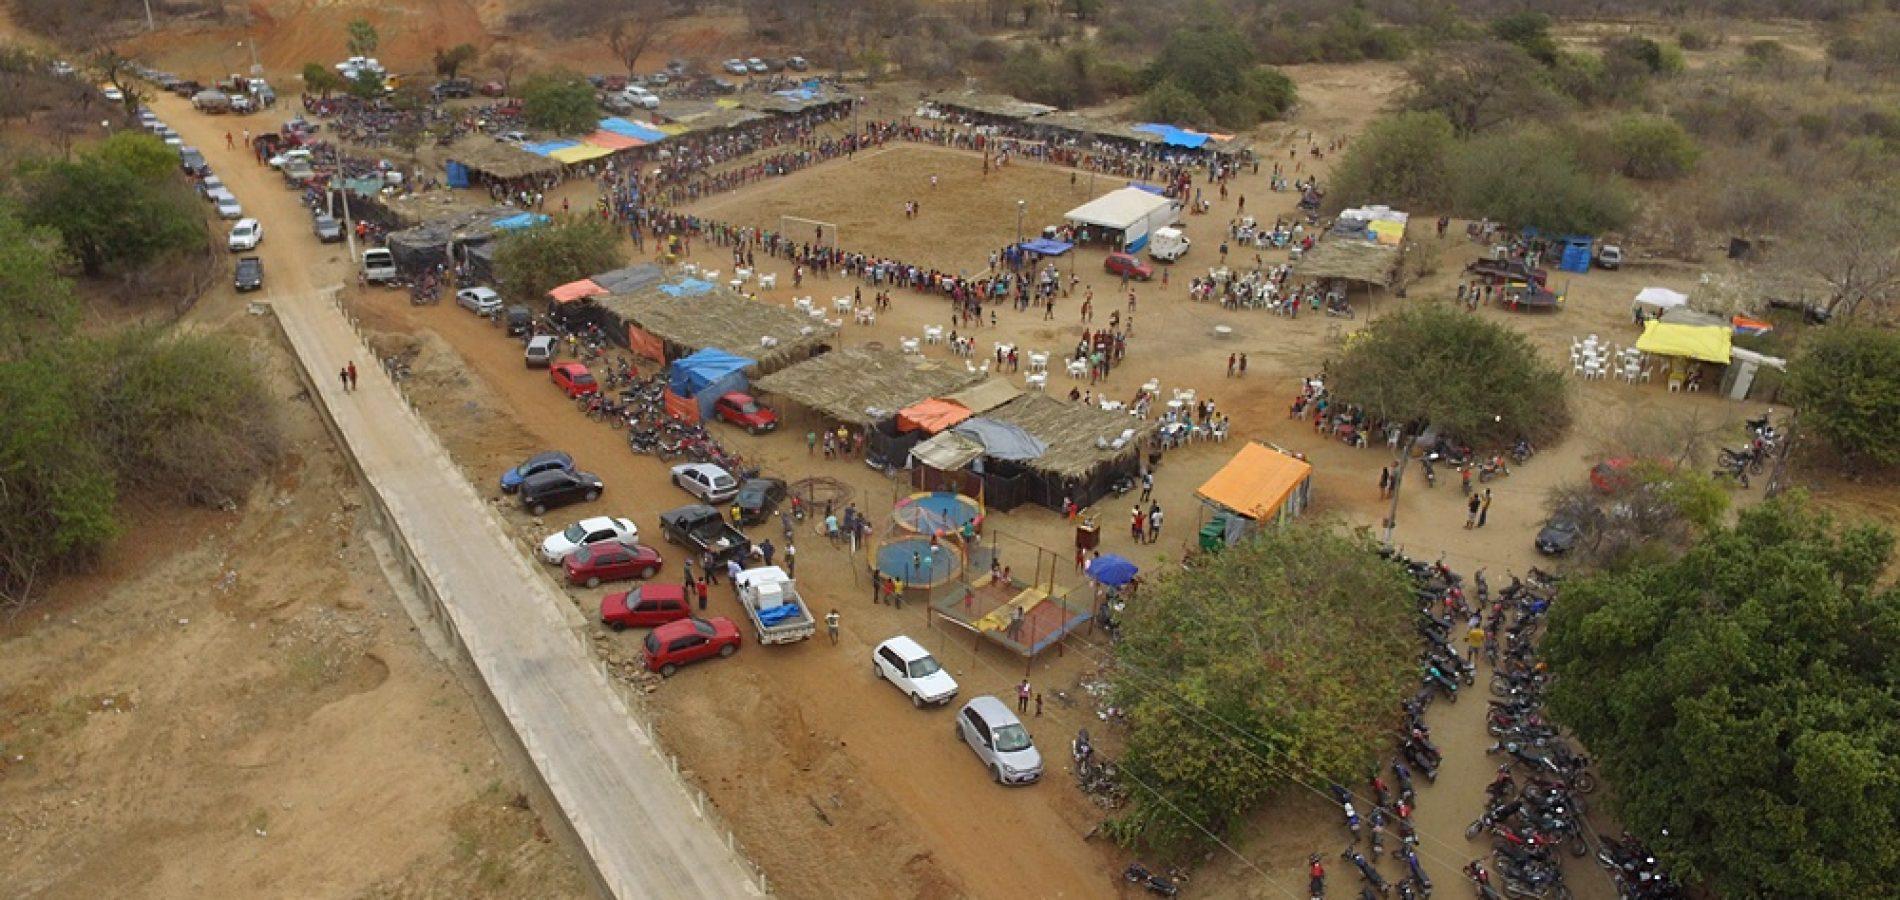 FOTOS | Festival Desportivo de Férias de Massapê do Piauí